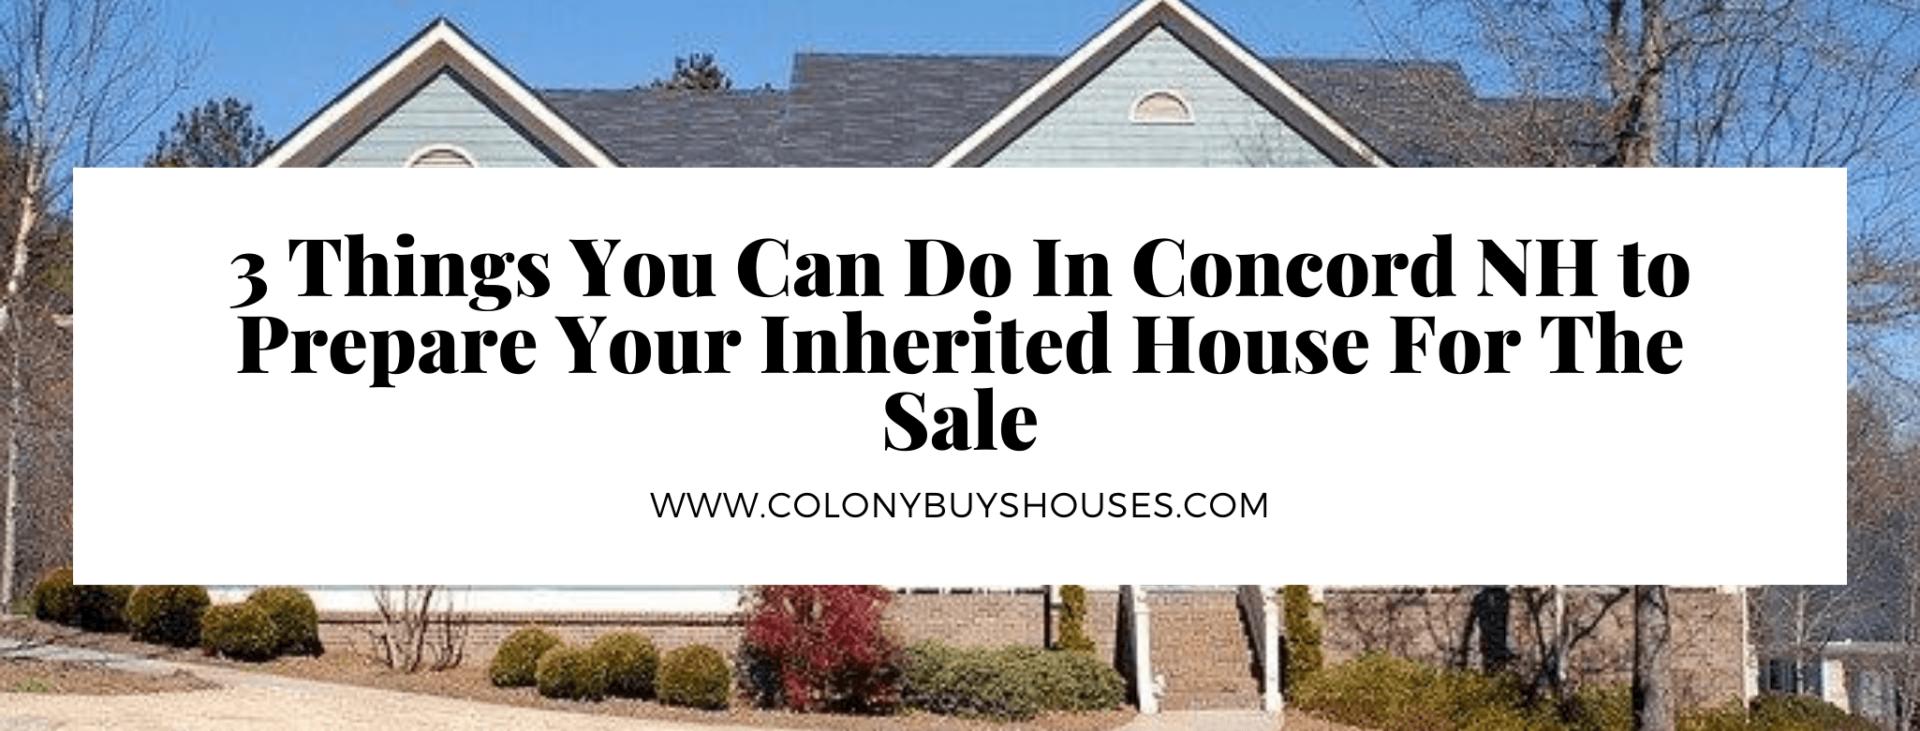 we buy properties in Concord NH